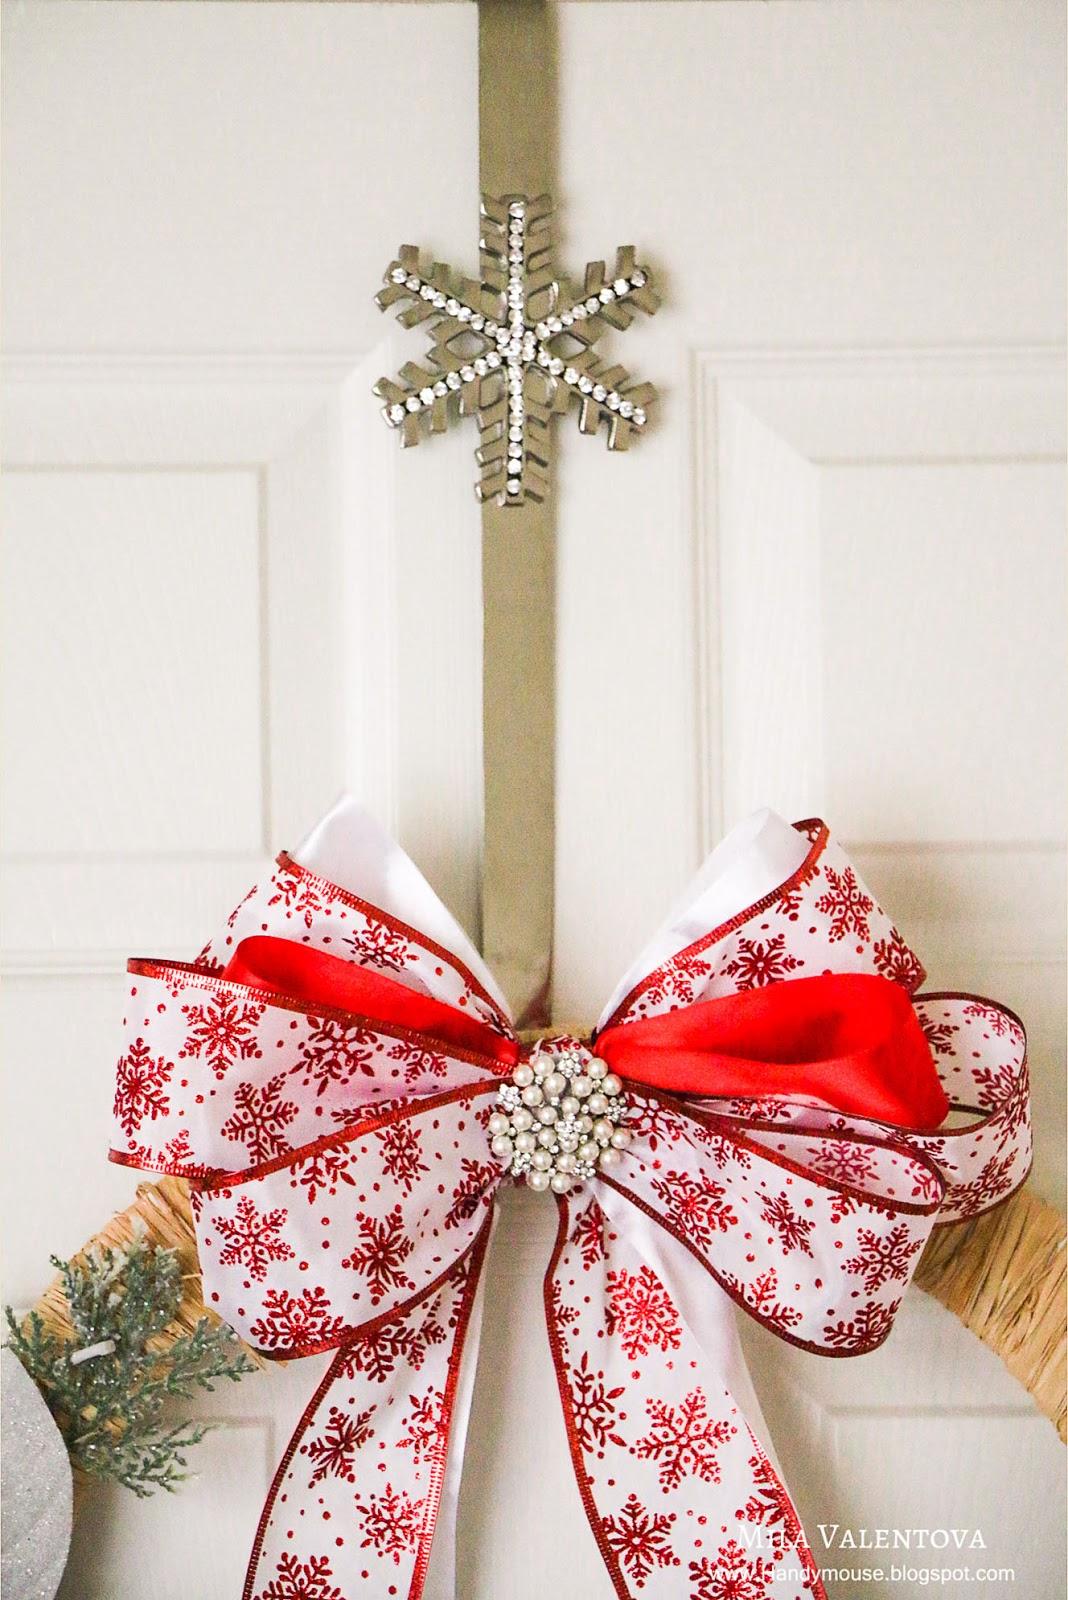 Рождественский декор. Рождественский венок. Мила Валентова.